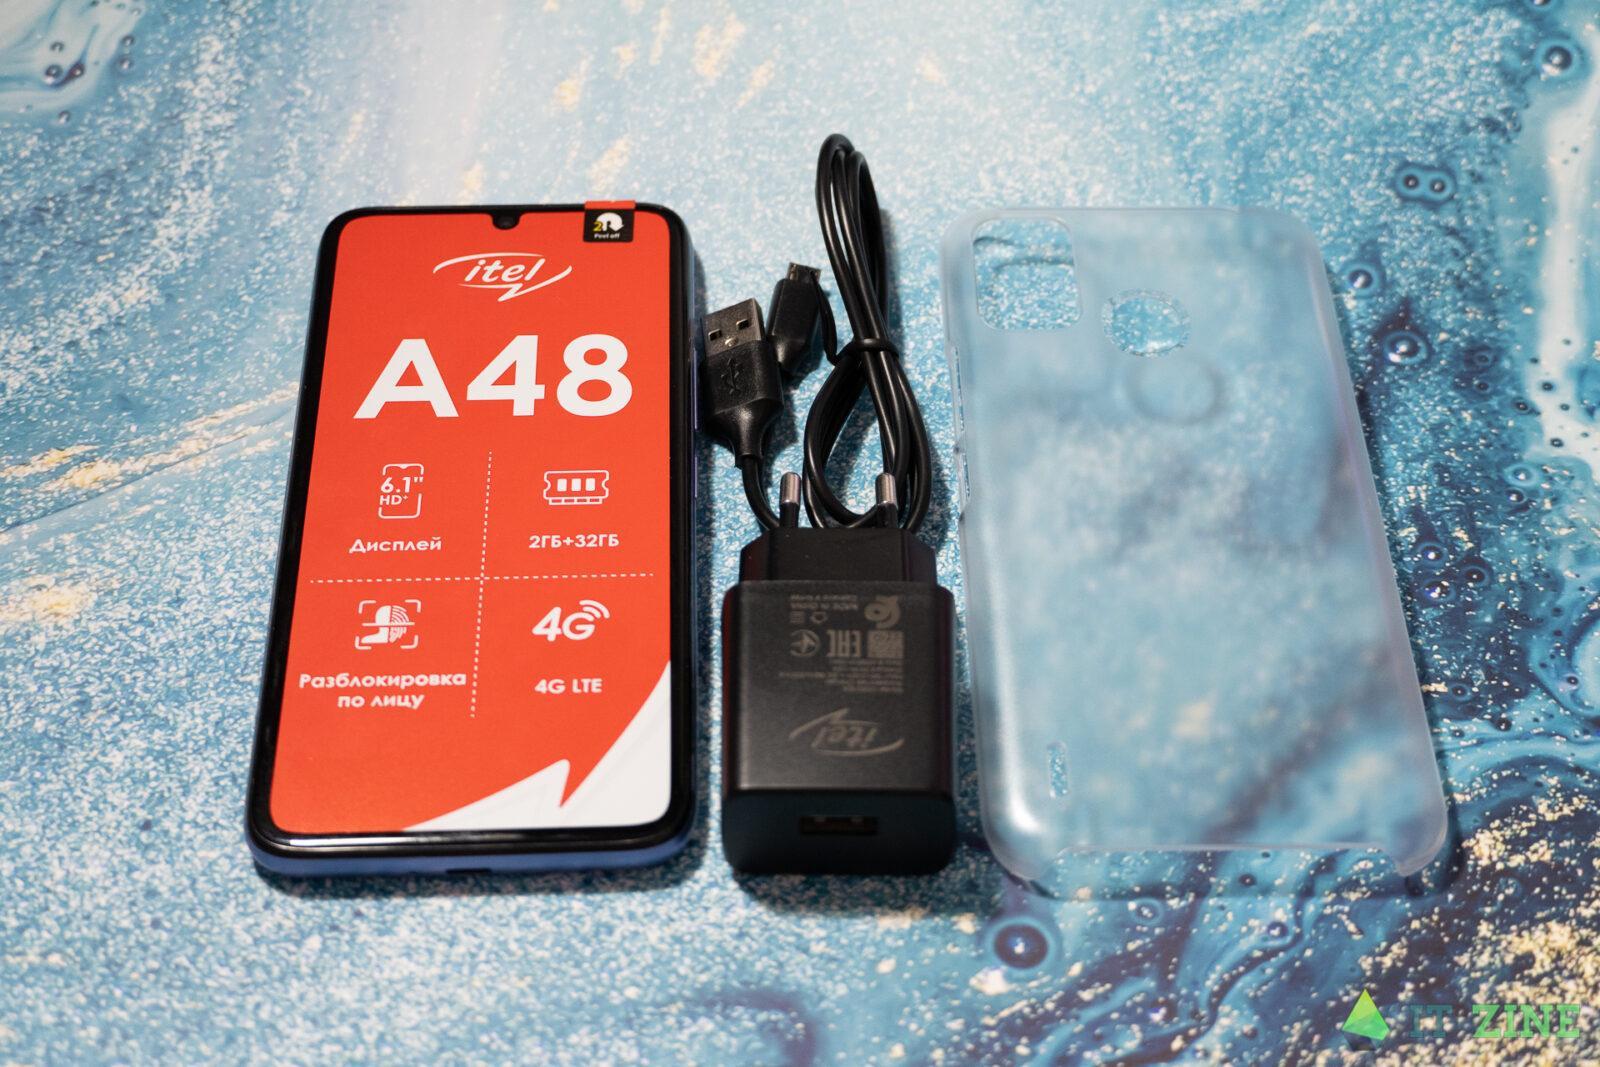 Обзор Itel A48: недорогой смартфон с LTE для школьников (itel A48 17)